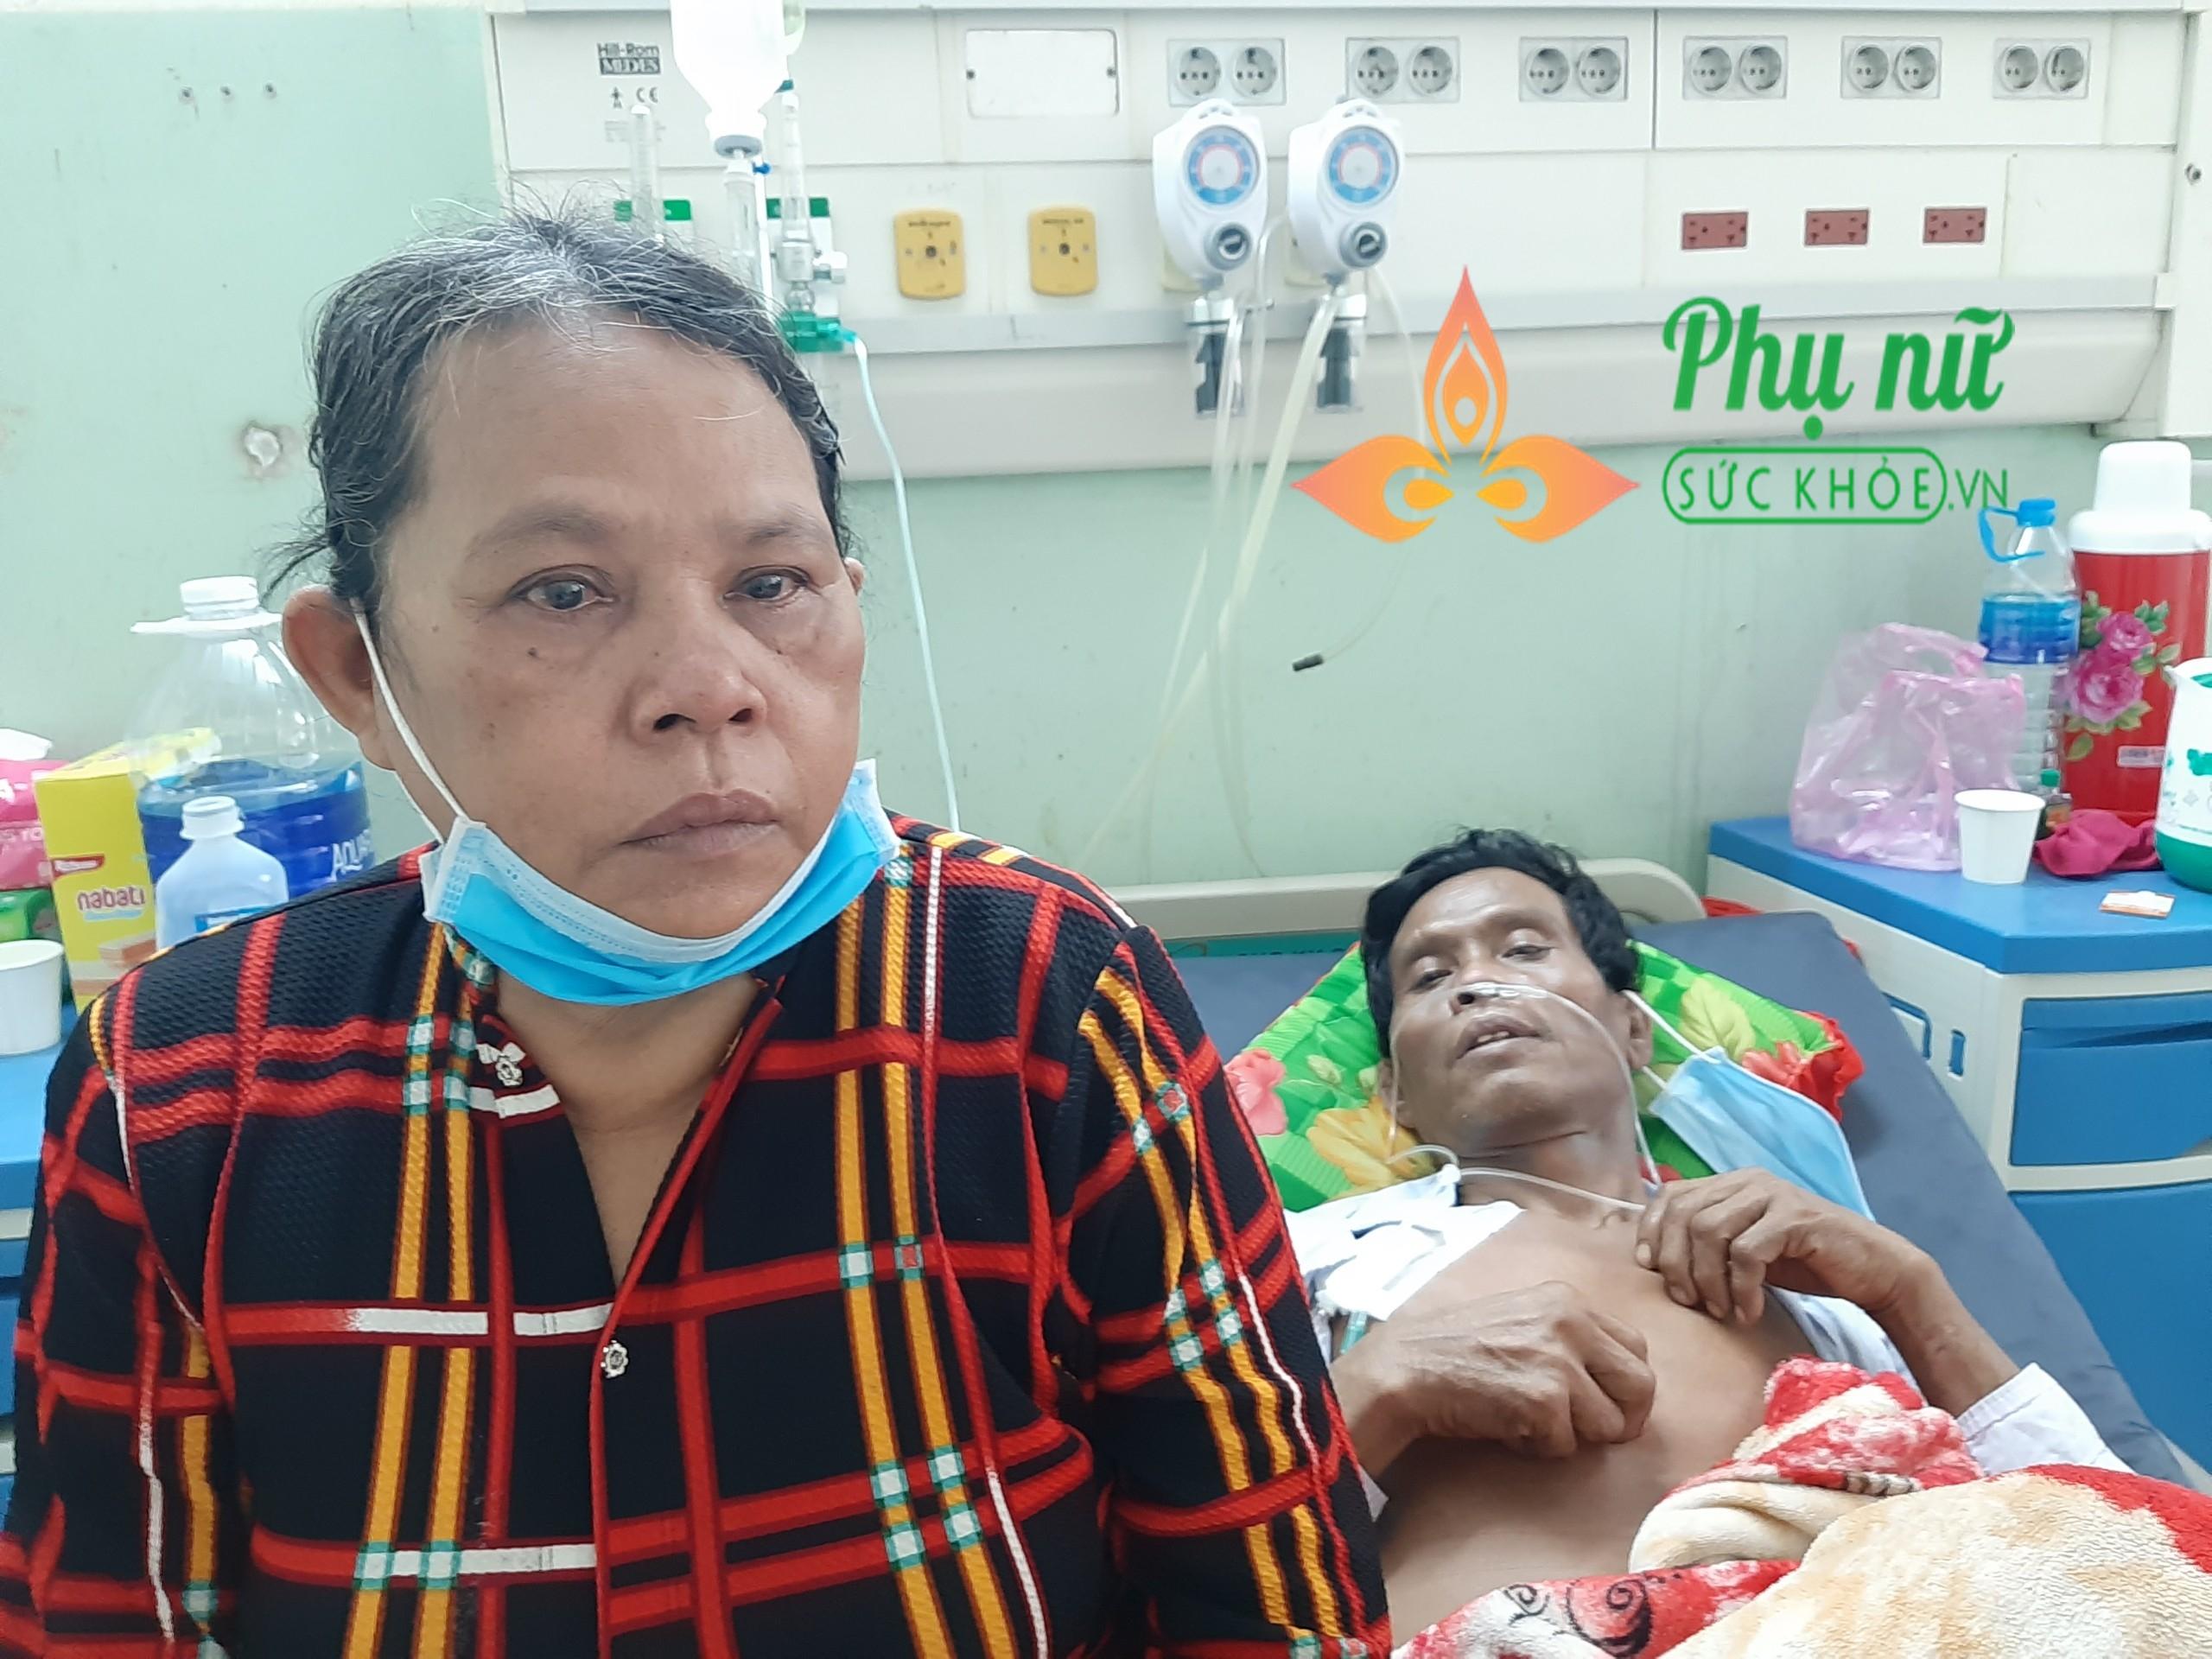 Thương cảnh người đàn ông dân tộc Khơ-me lâm bệnh nặng, vợ khóc ròng xin đưa chồng về vì không có tiền chữa trị